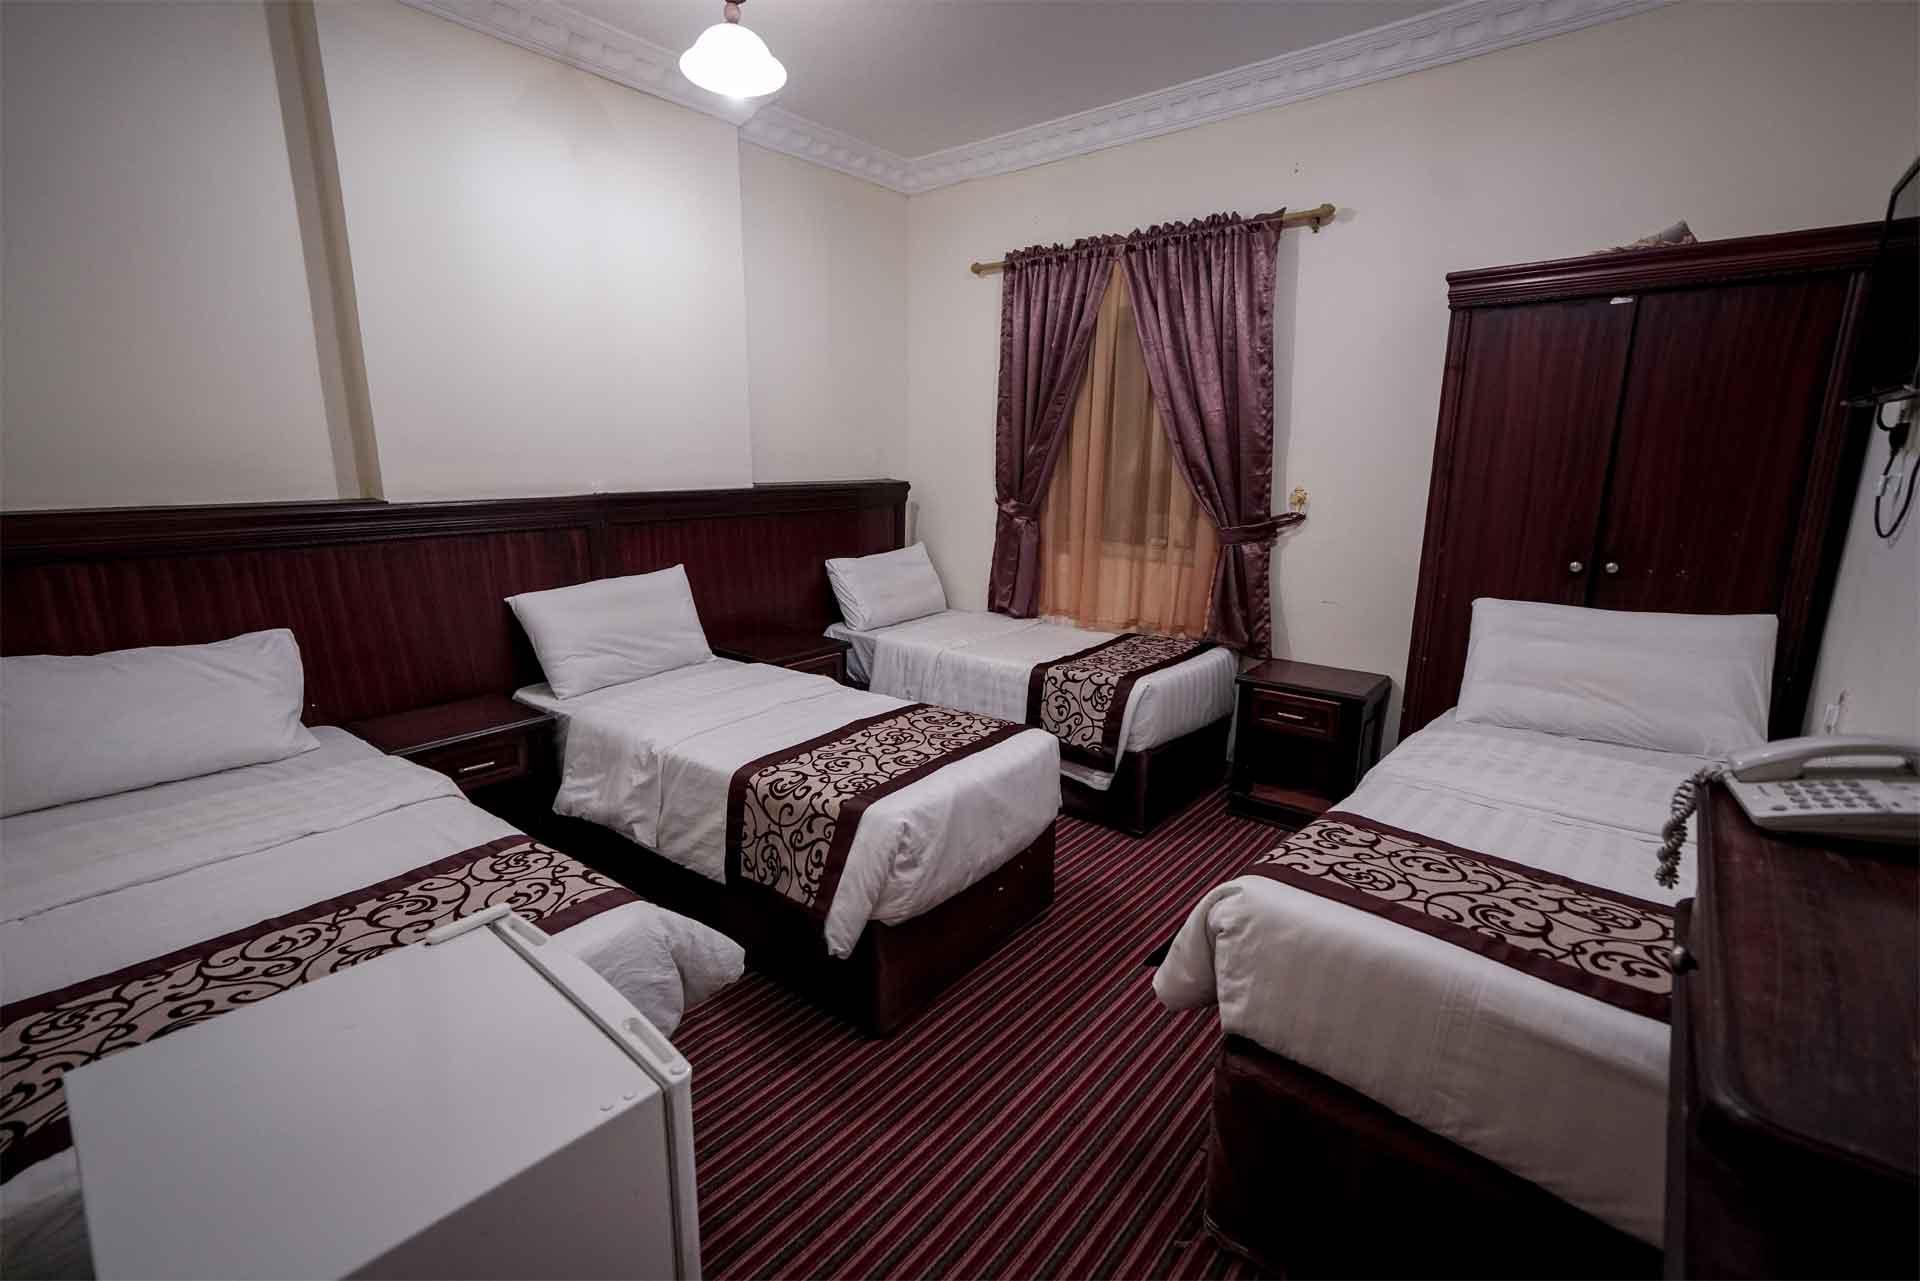 QUAD-(1)-Main-Room-pic.jpg